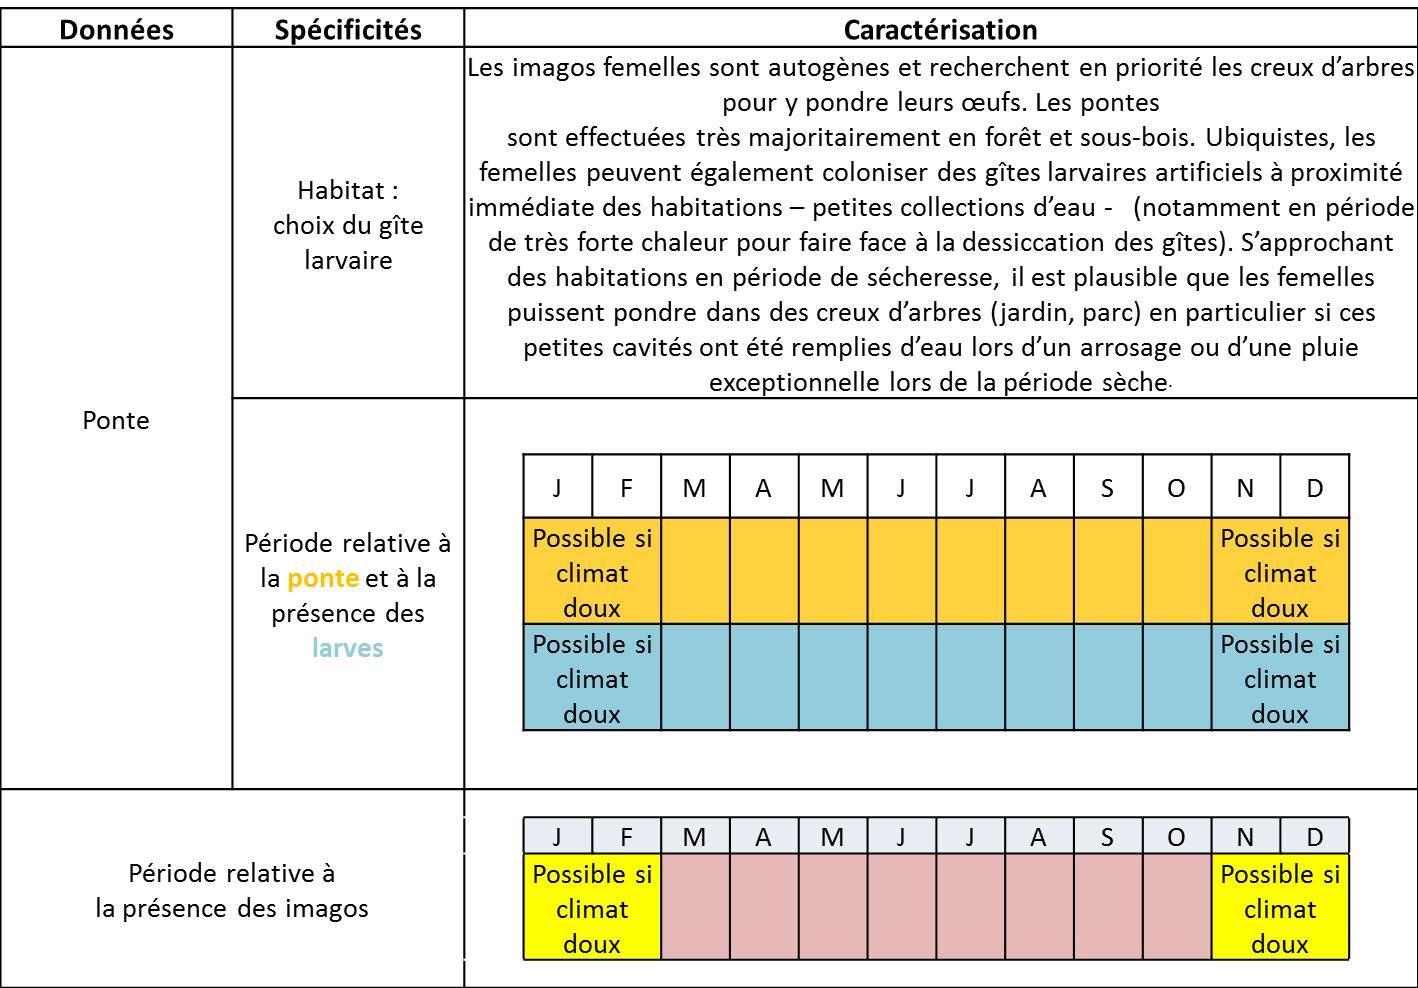 Moustiques en alg rie anopheles anopheles plumbeus for Habitat rural en algerie pdf